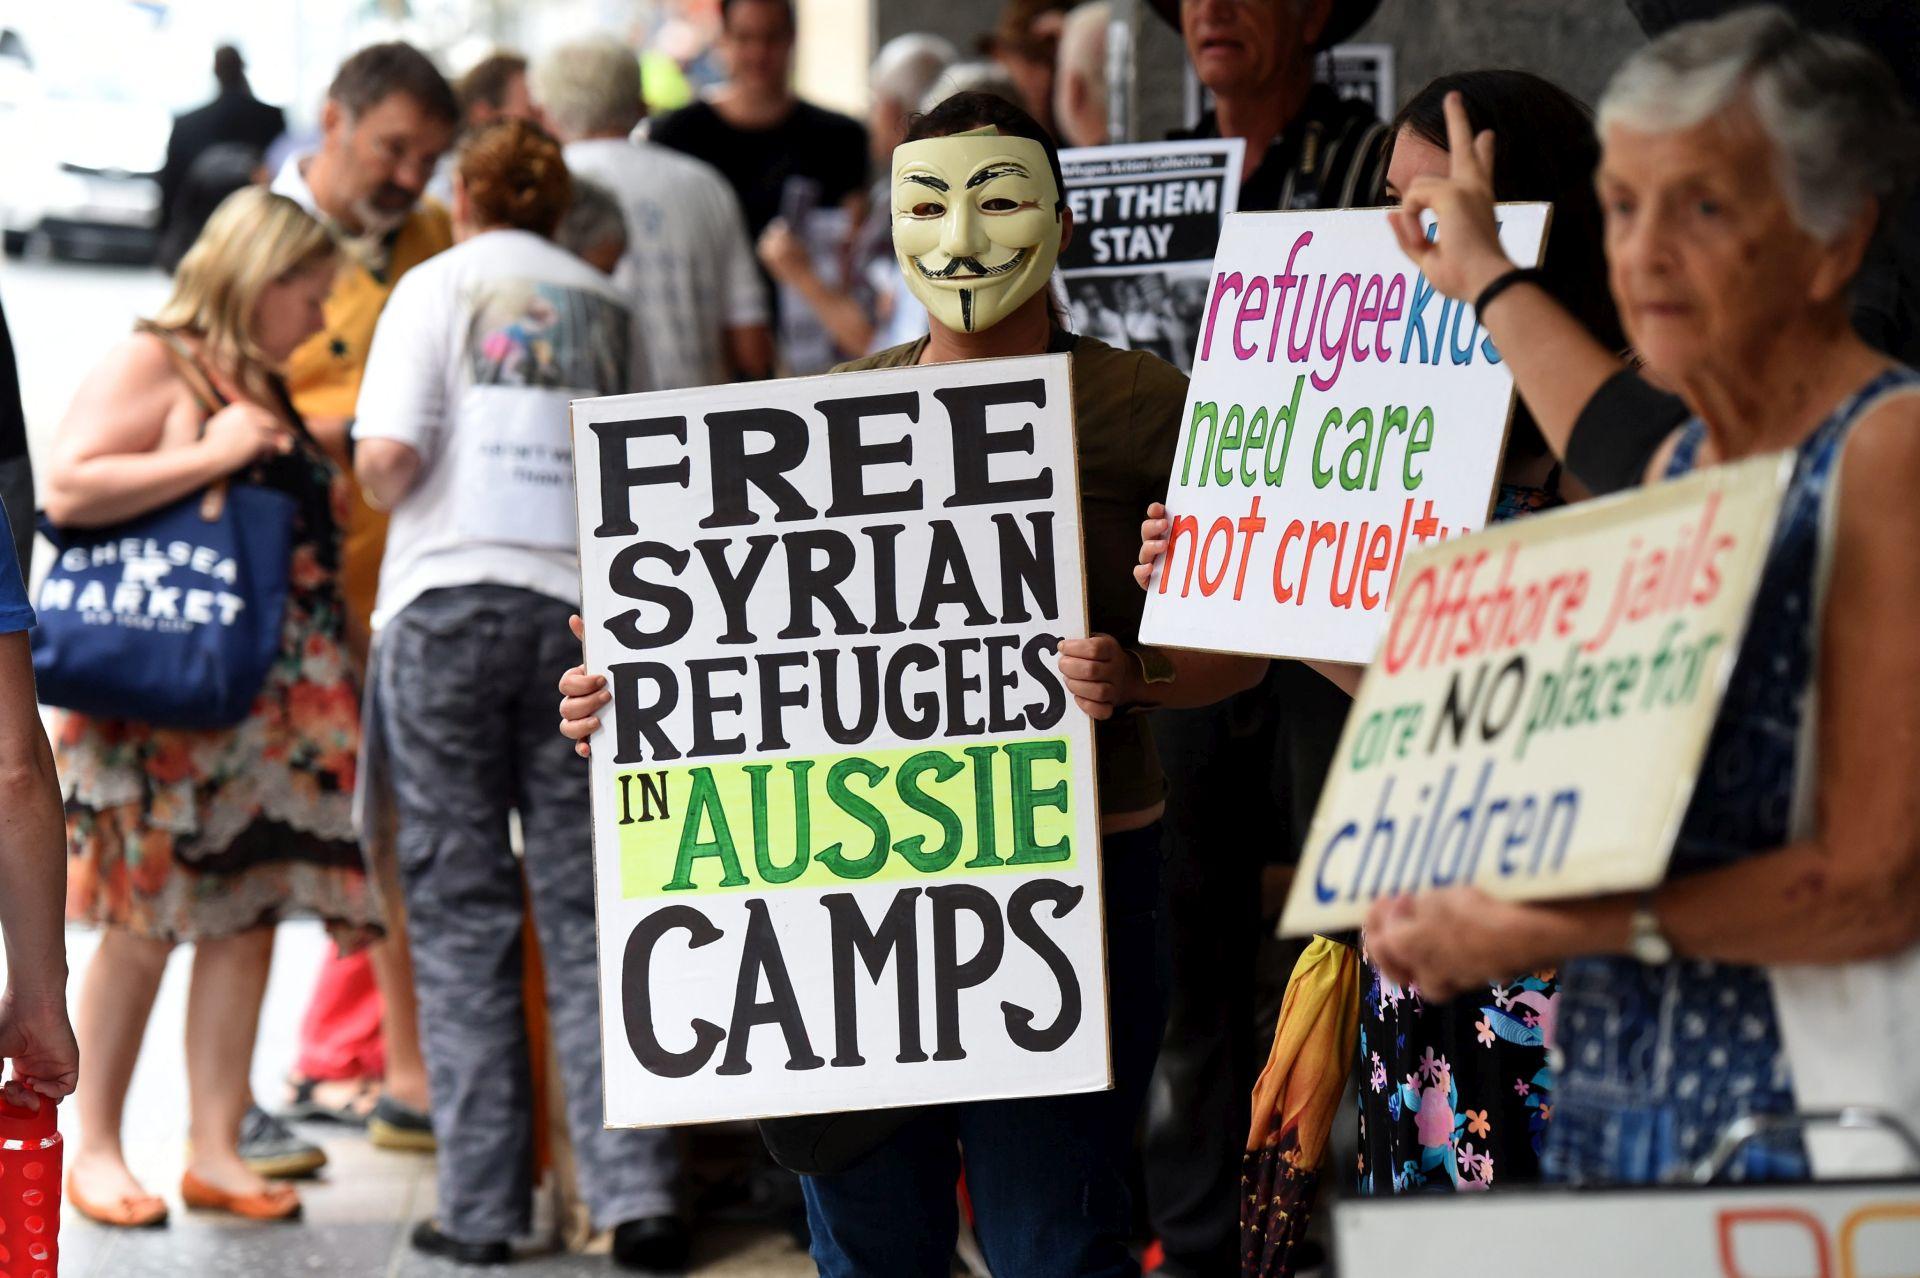 POSTIGNUT SPORAZUM: Australija i SAD dogovorili premještaj izbjeglica